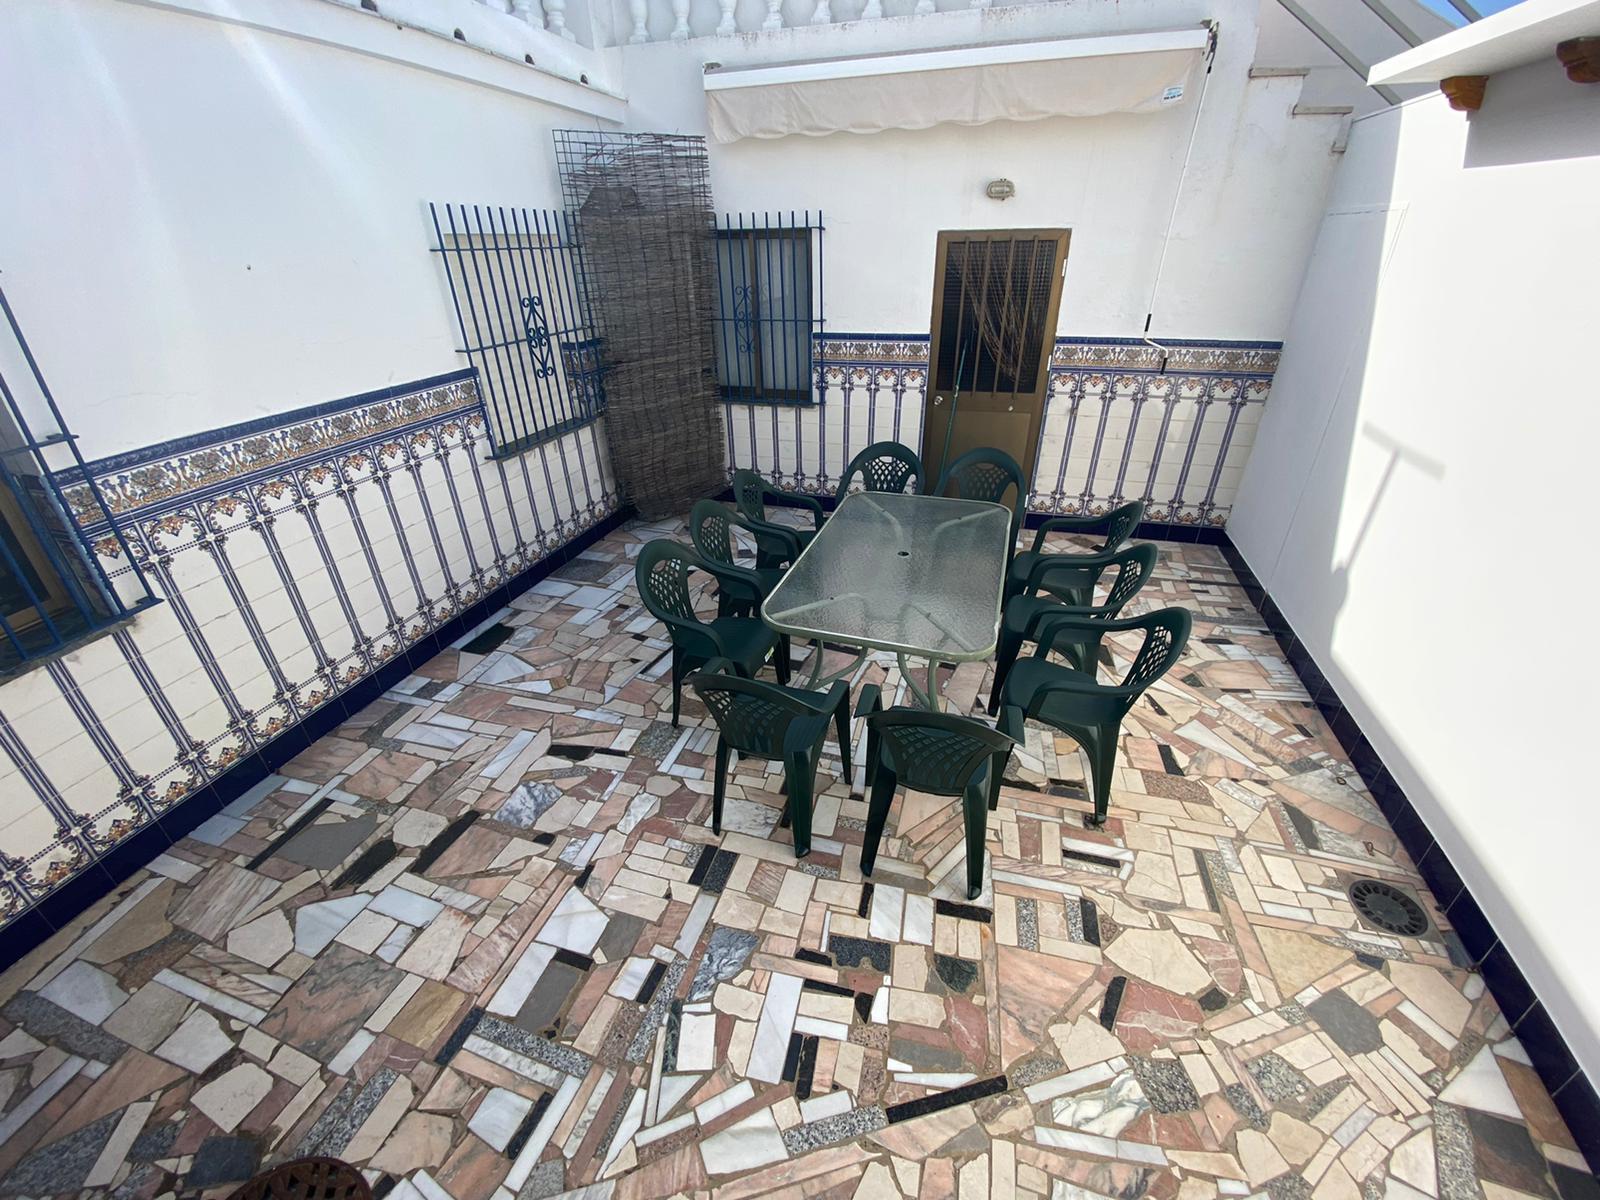 Imagen 28 del Vivienda Turística en Pueblo Marinero, (4d+2b), Punta del Moral (HUELVA), Avda. de la Palmera s-n